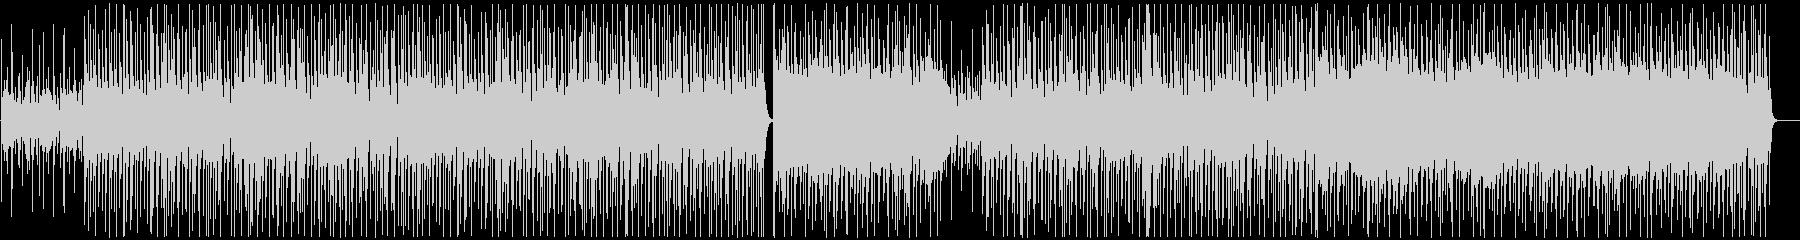 アップテンポなOP風アコギとドラムの曲の未再生の波形